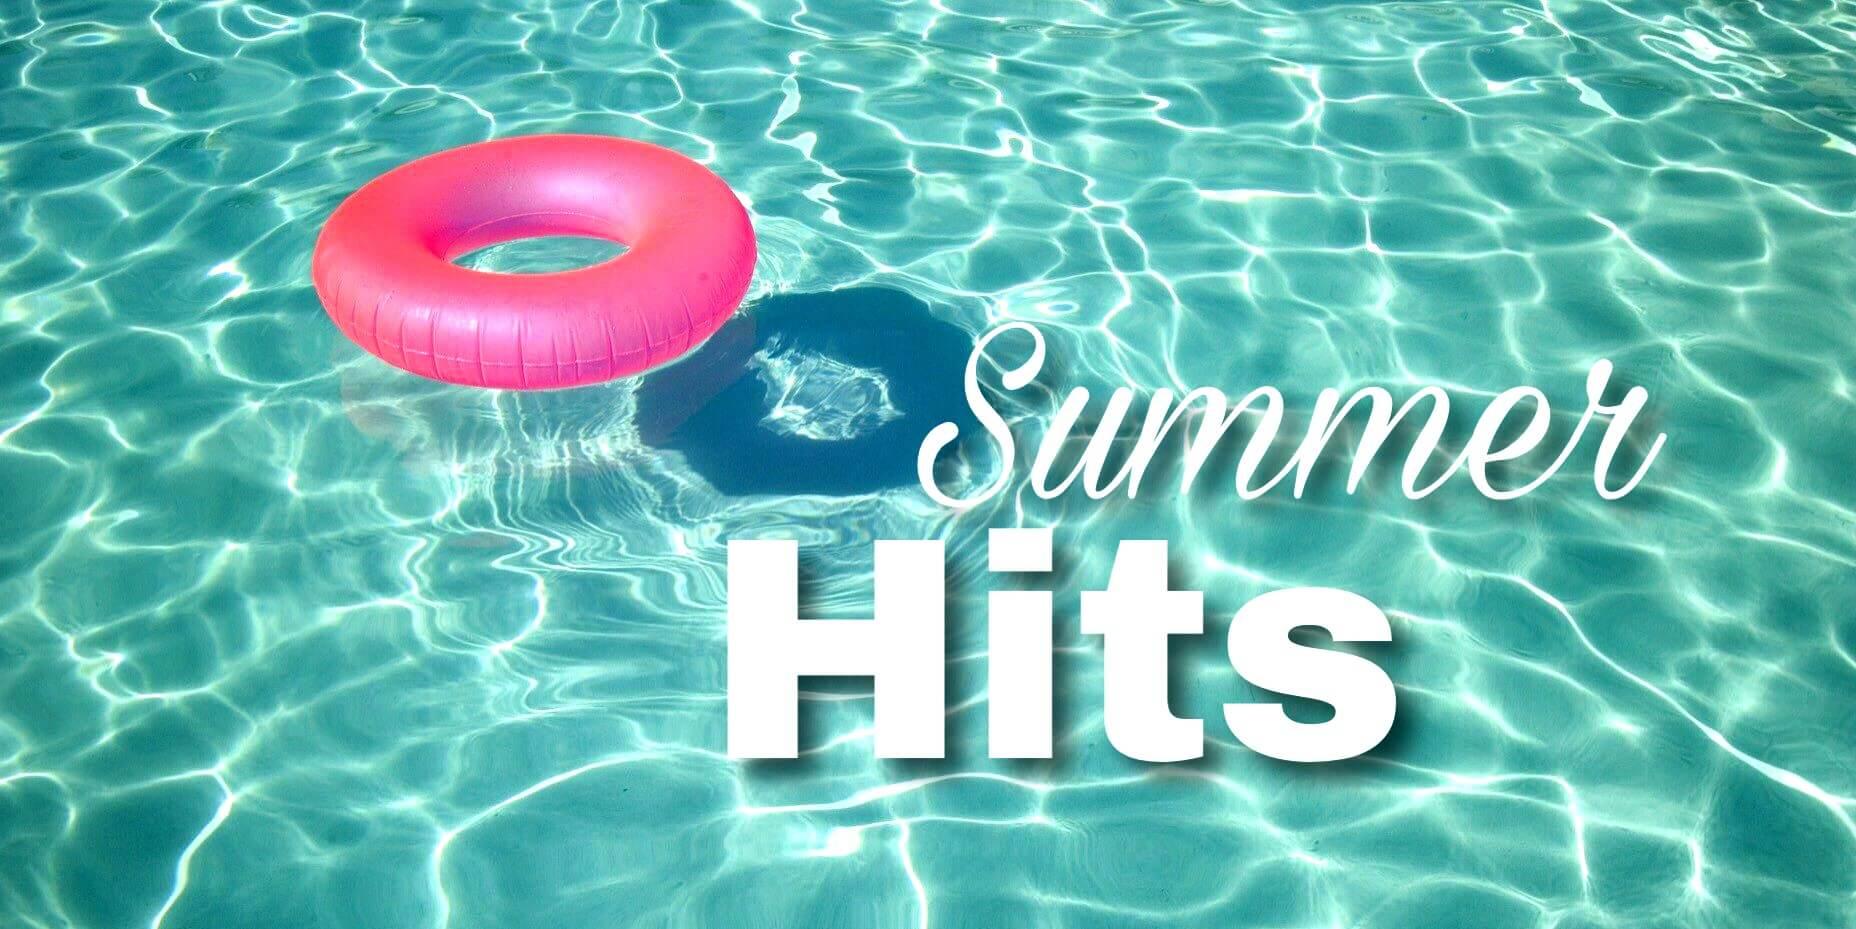 Nuove canzoni estate 2018